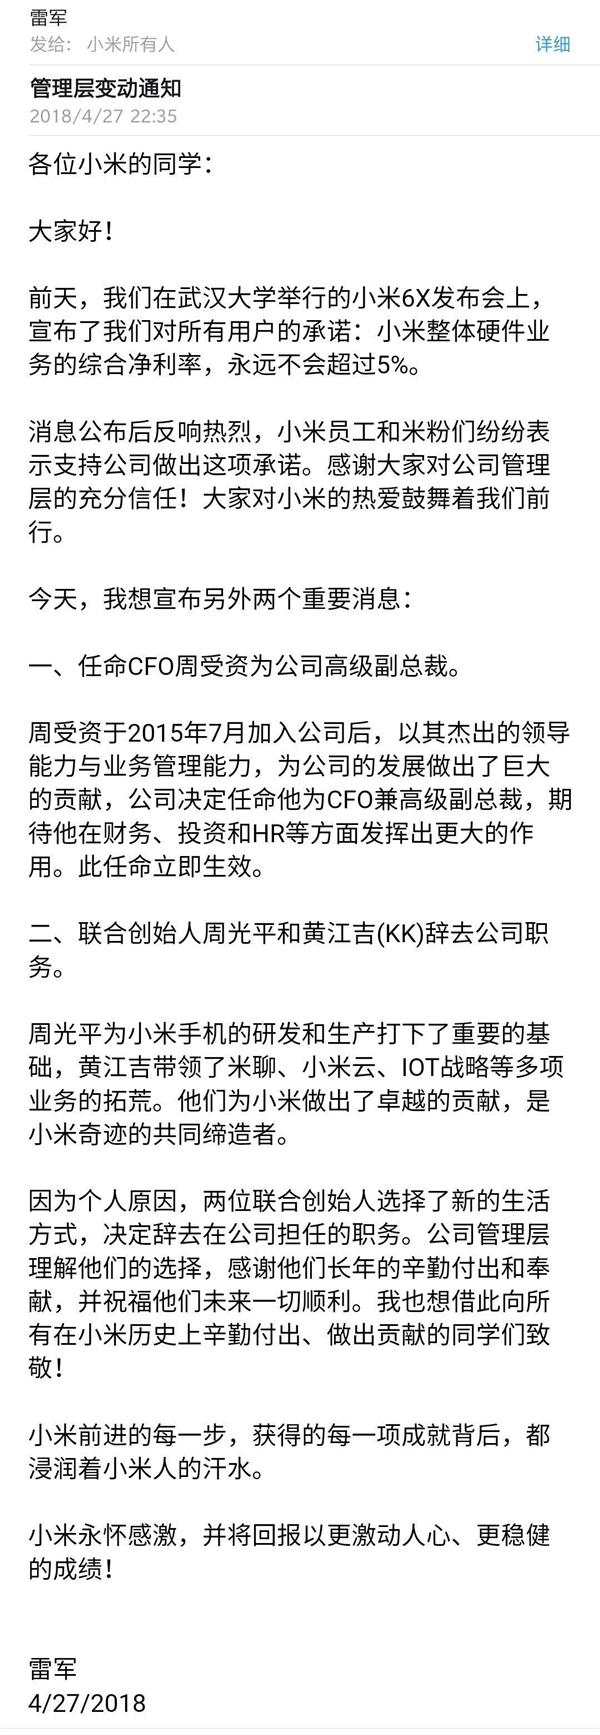 小米管理层重大变动:联合创始人周光平和黄江吉离职